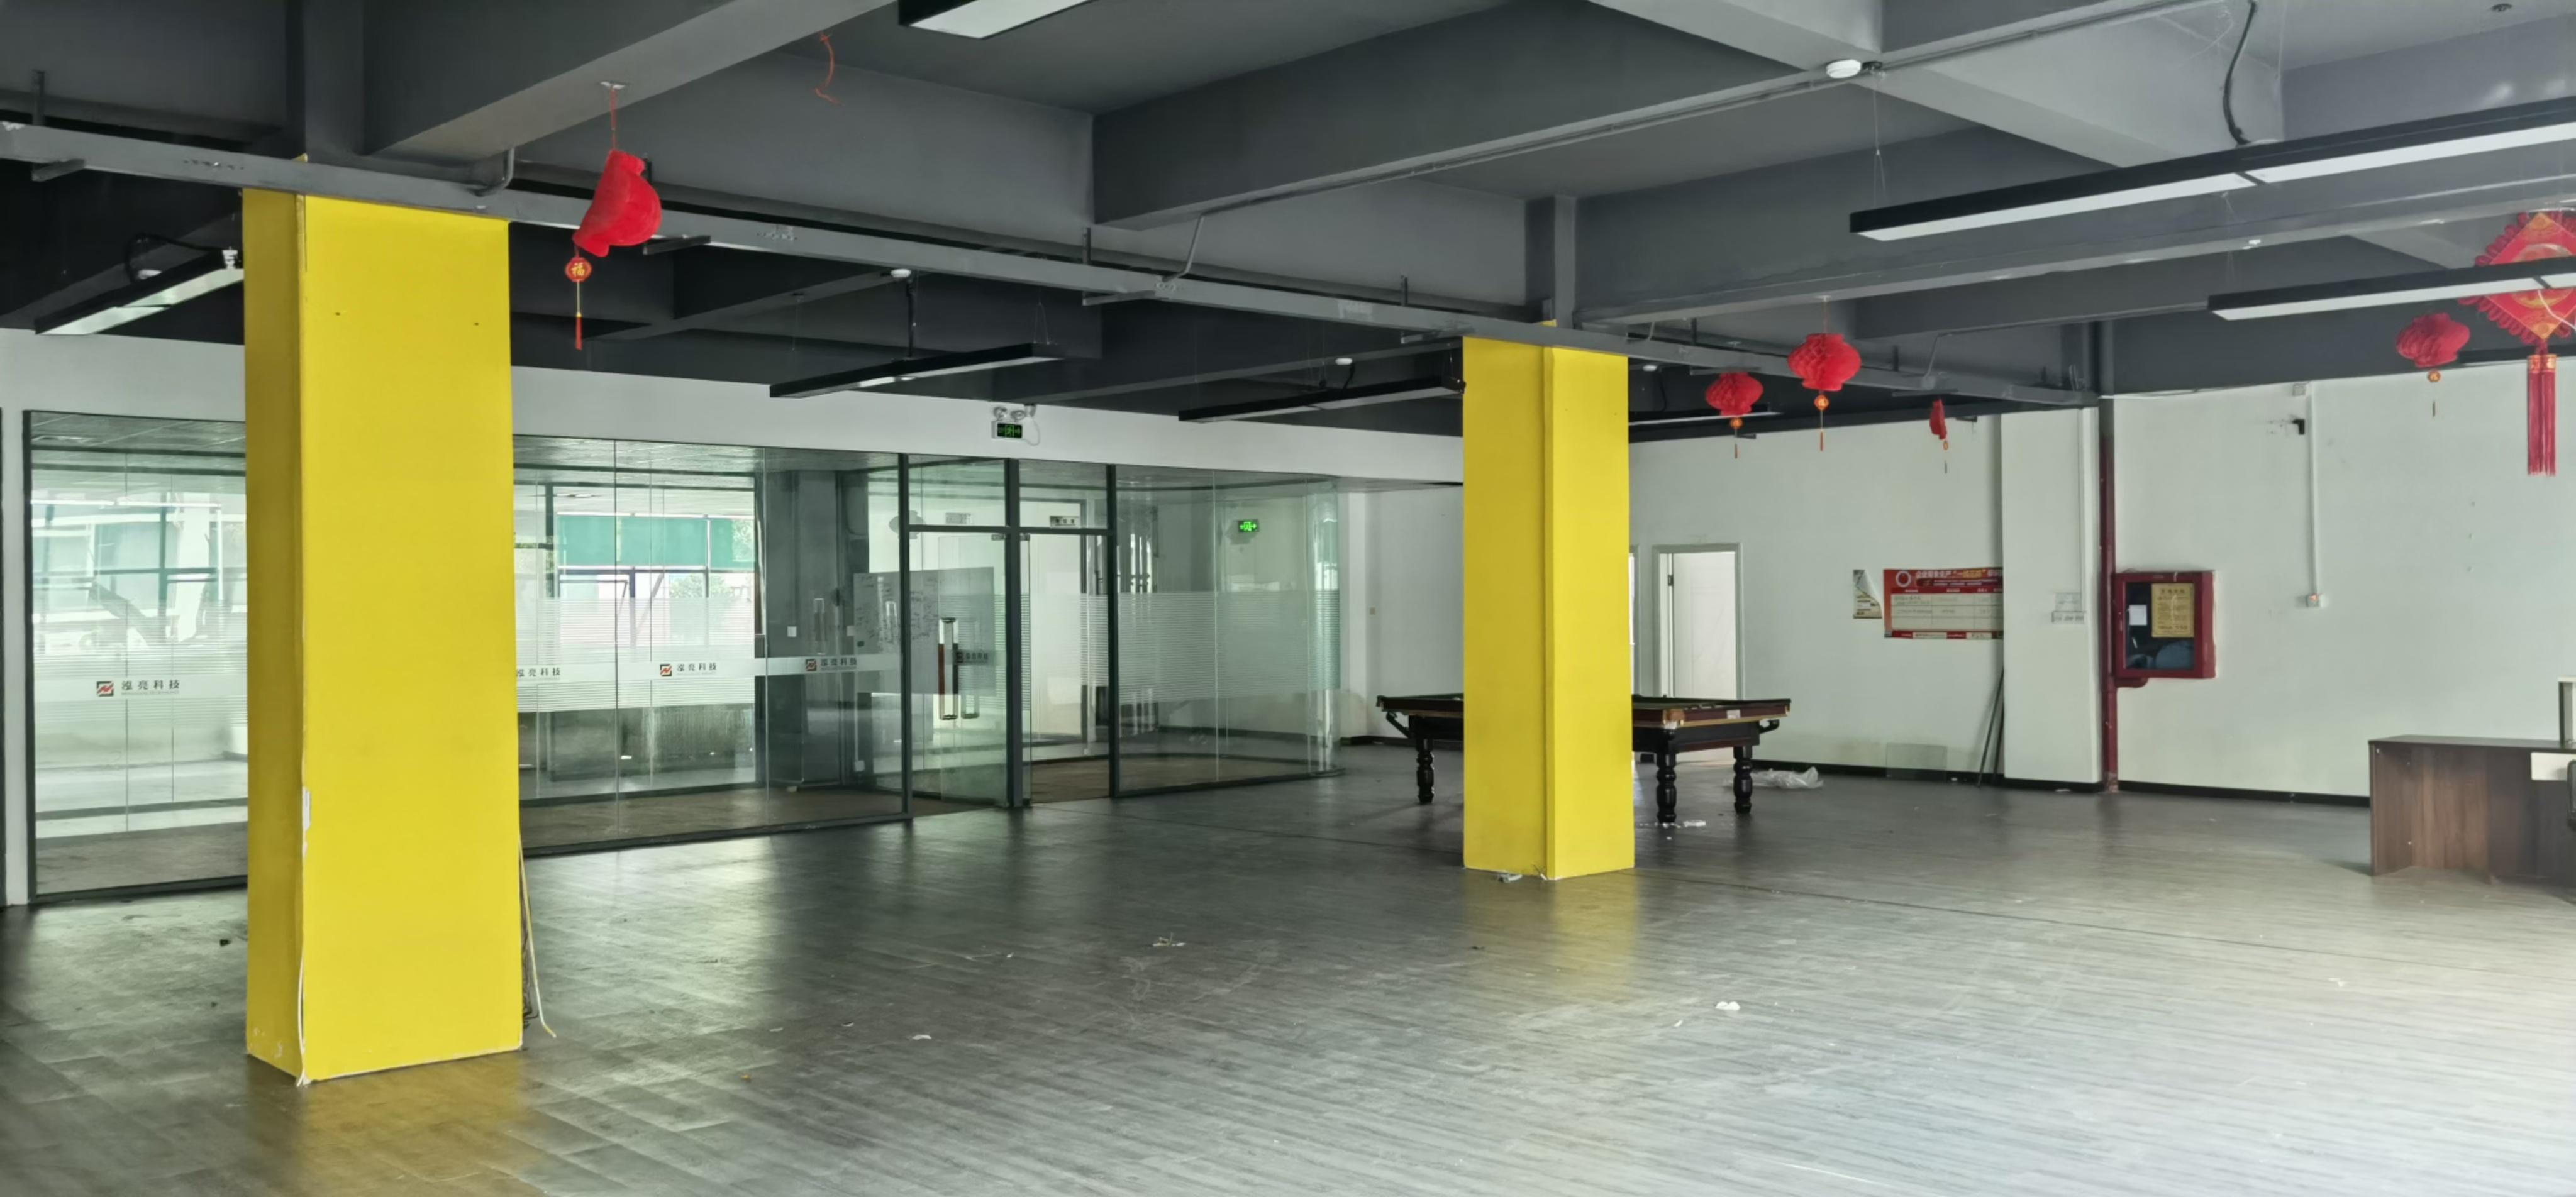 龙华民治地铁口电商创意园400平厂房出租,带办公室,仓库